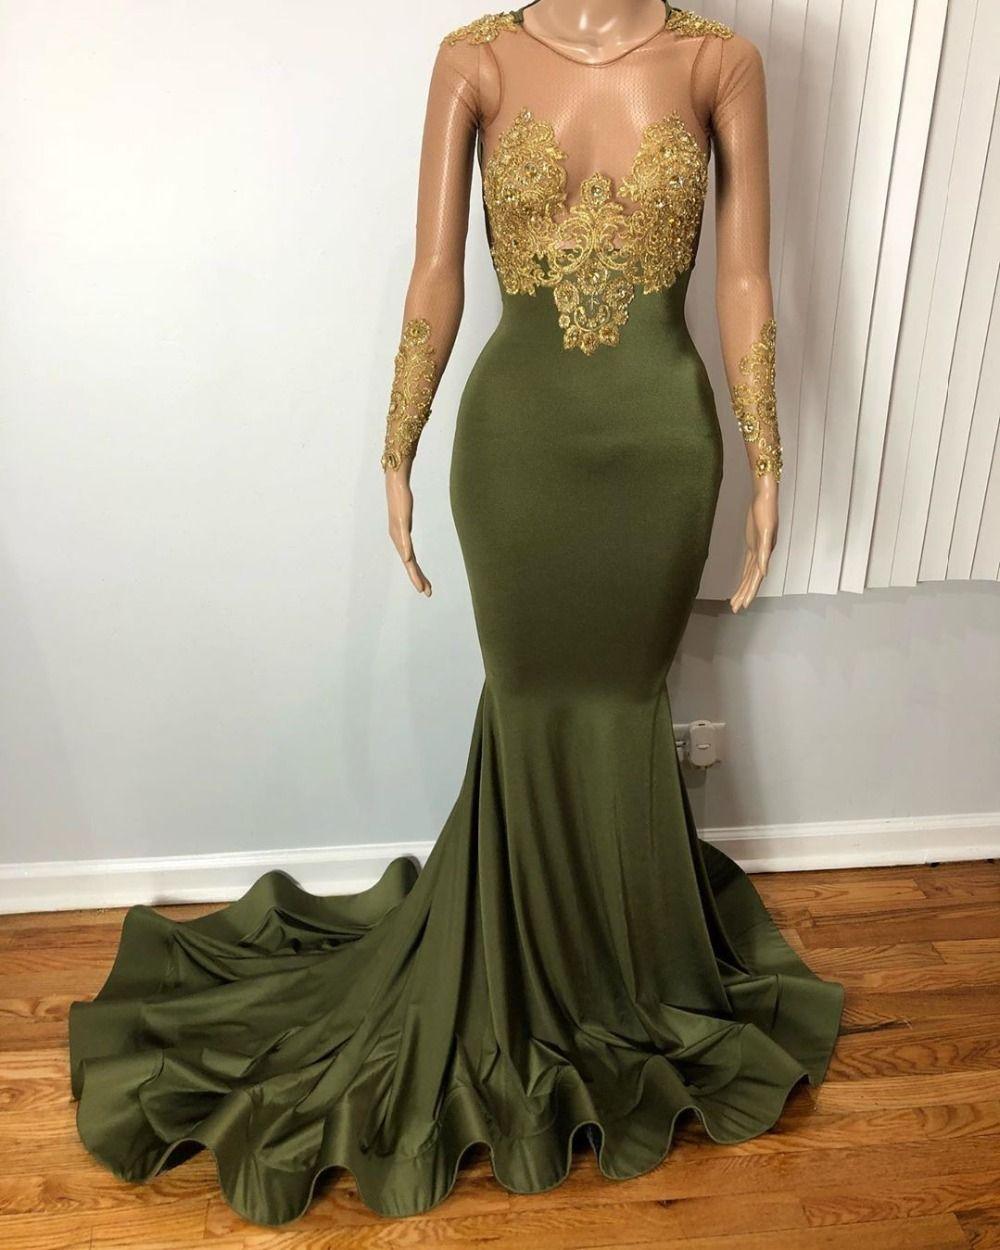 Zeytin Yeşil Illusion Uzun Kollu Denizkızı Balo Dressess 2020 Altın Aplikler Dantel Plus Size Afrika Siyah Kızlar Akşam Parti Abiye